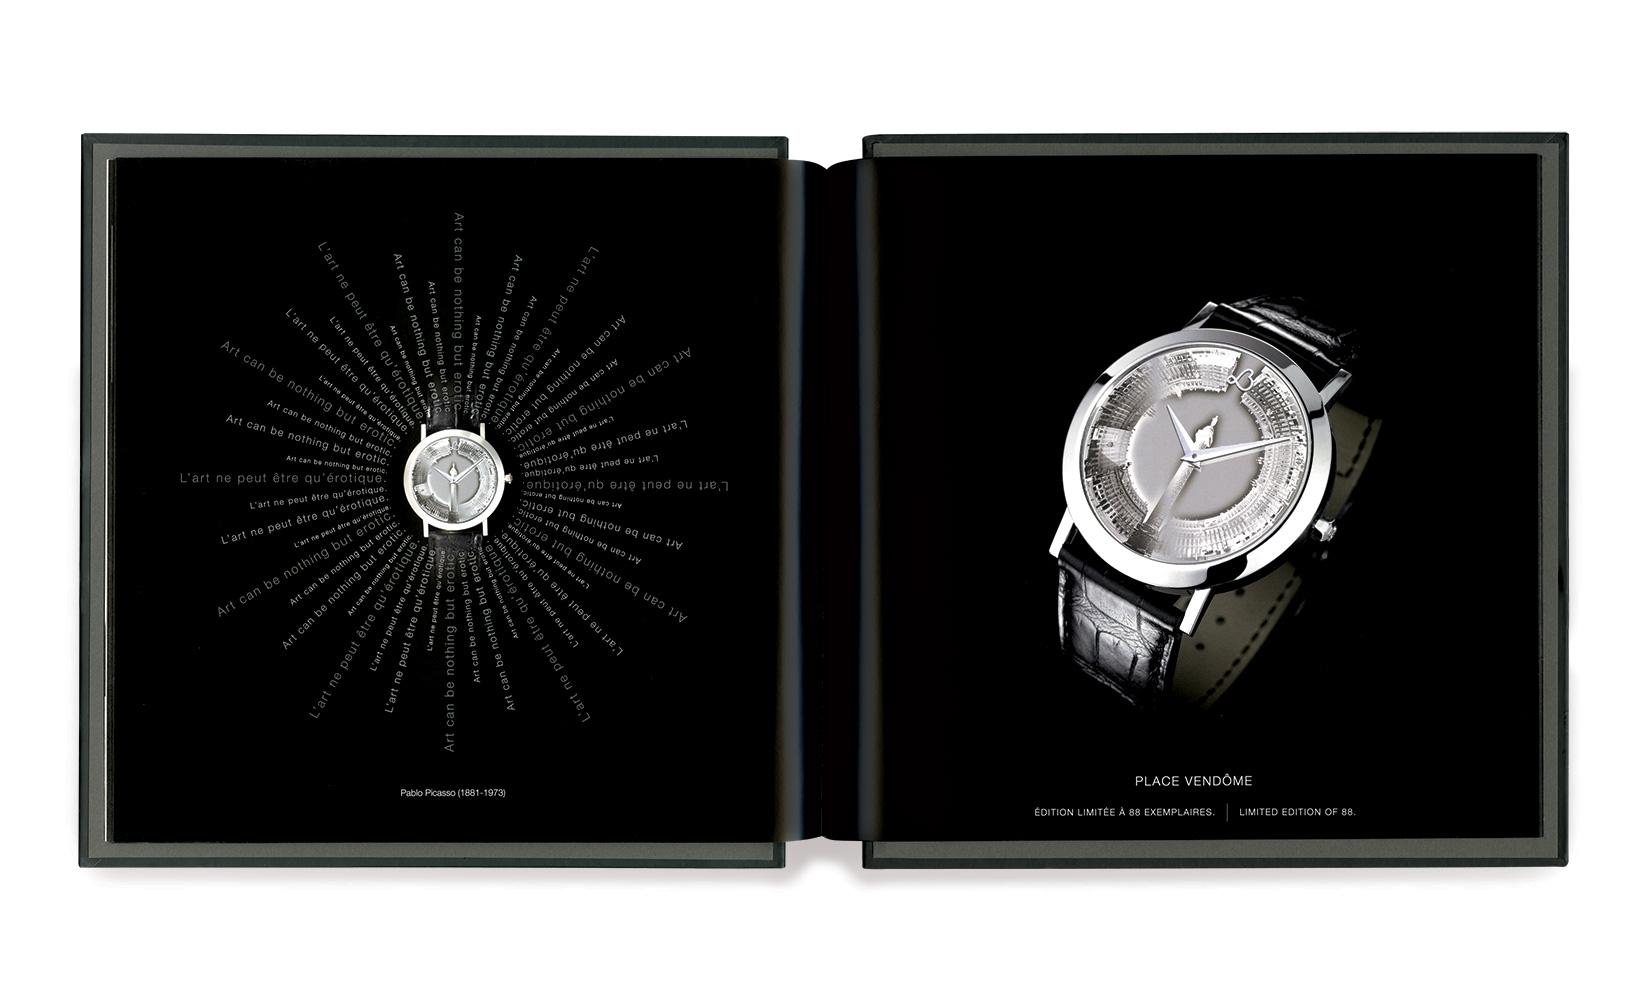 Lorenz-baumer-montres-p3.jpg